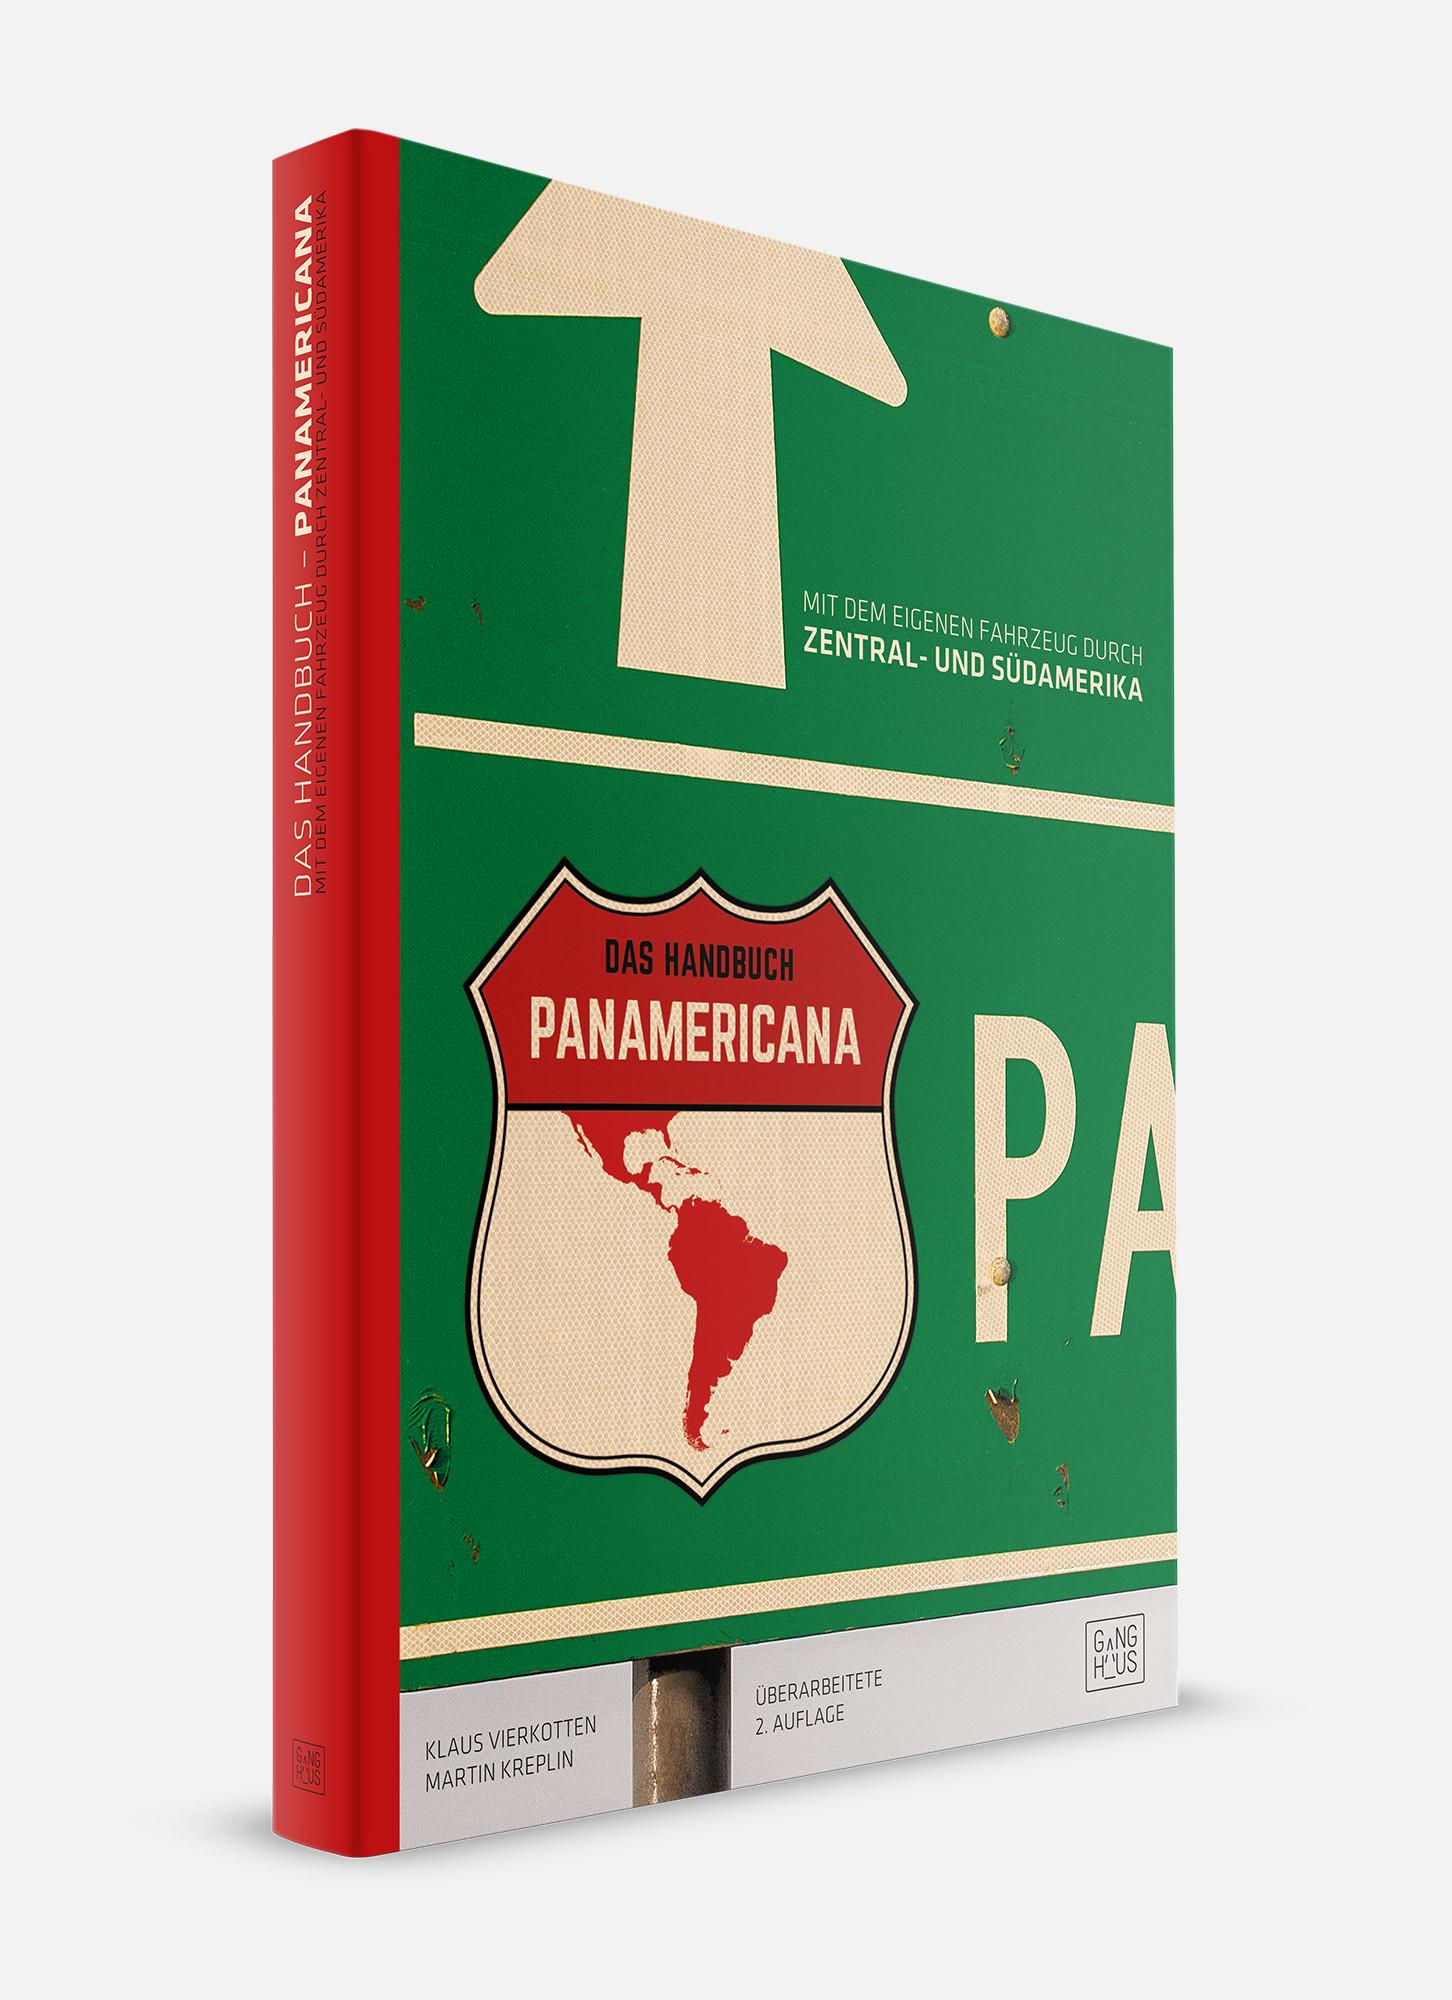 Das Handbuch: Panamericana - Mit dem eigenen Fahrzeug durch Zentral- und Südamerika